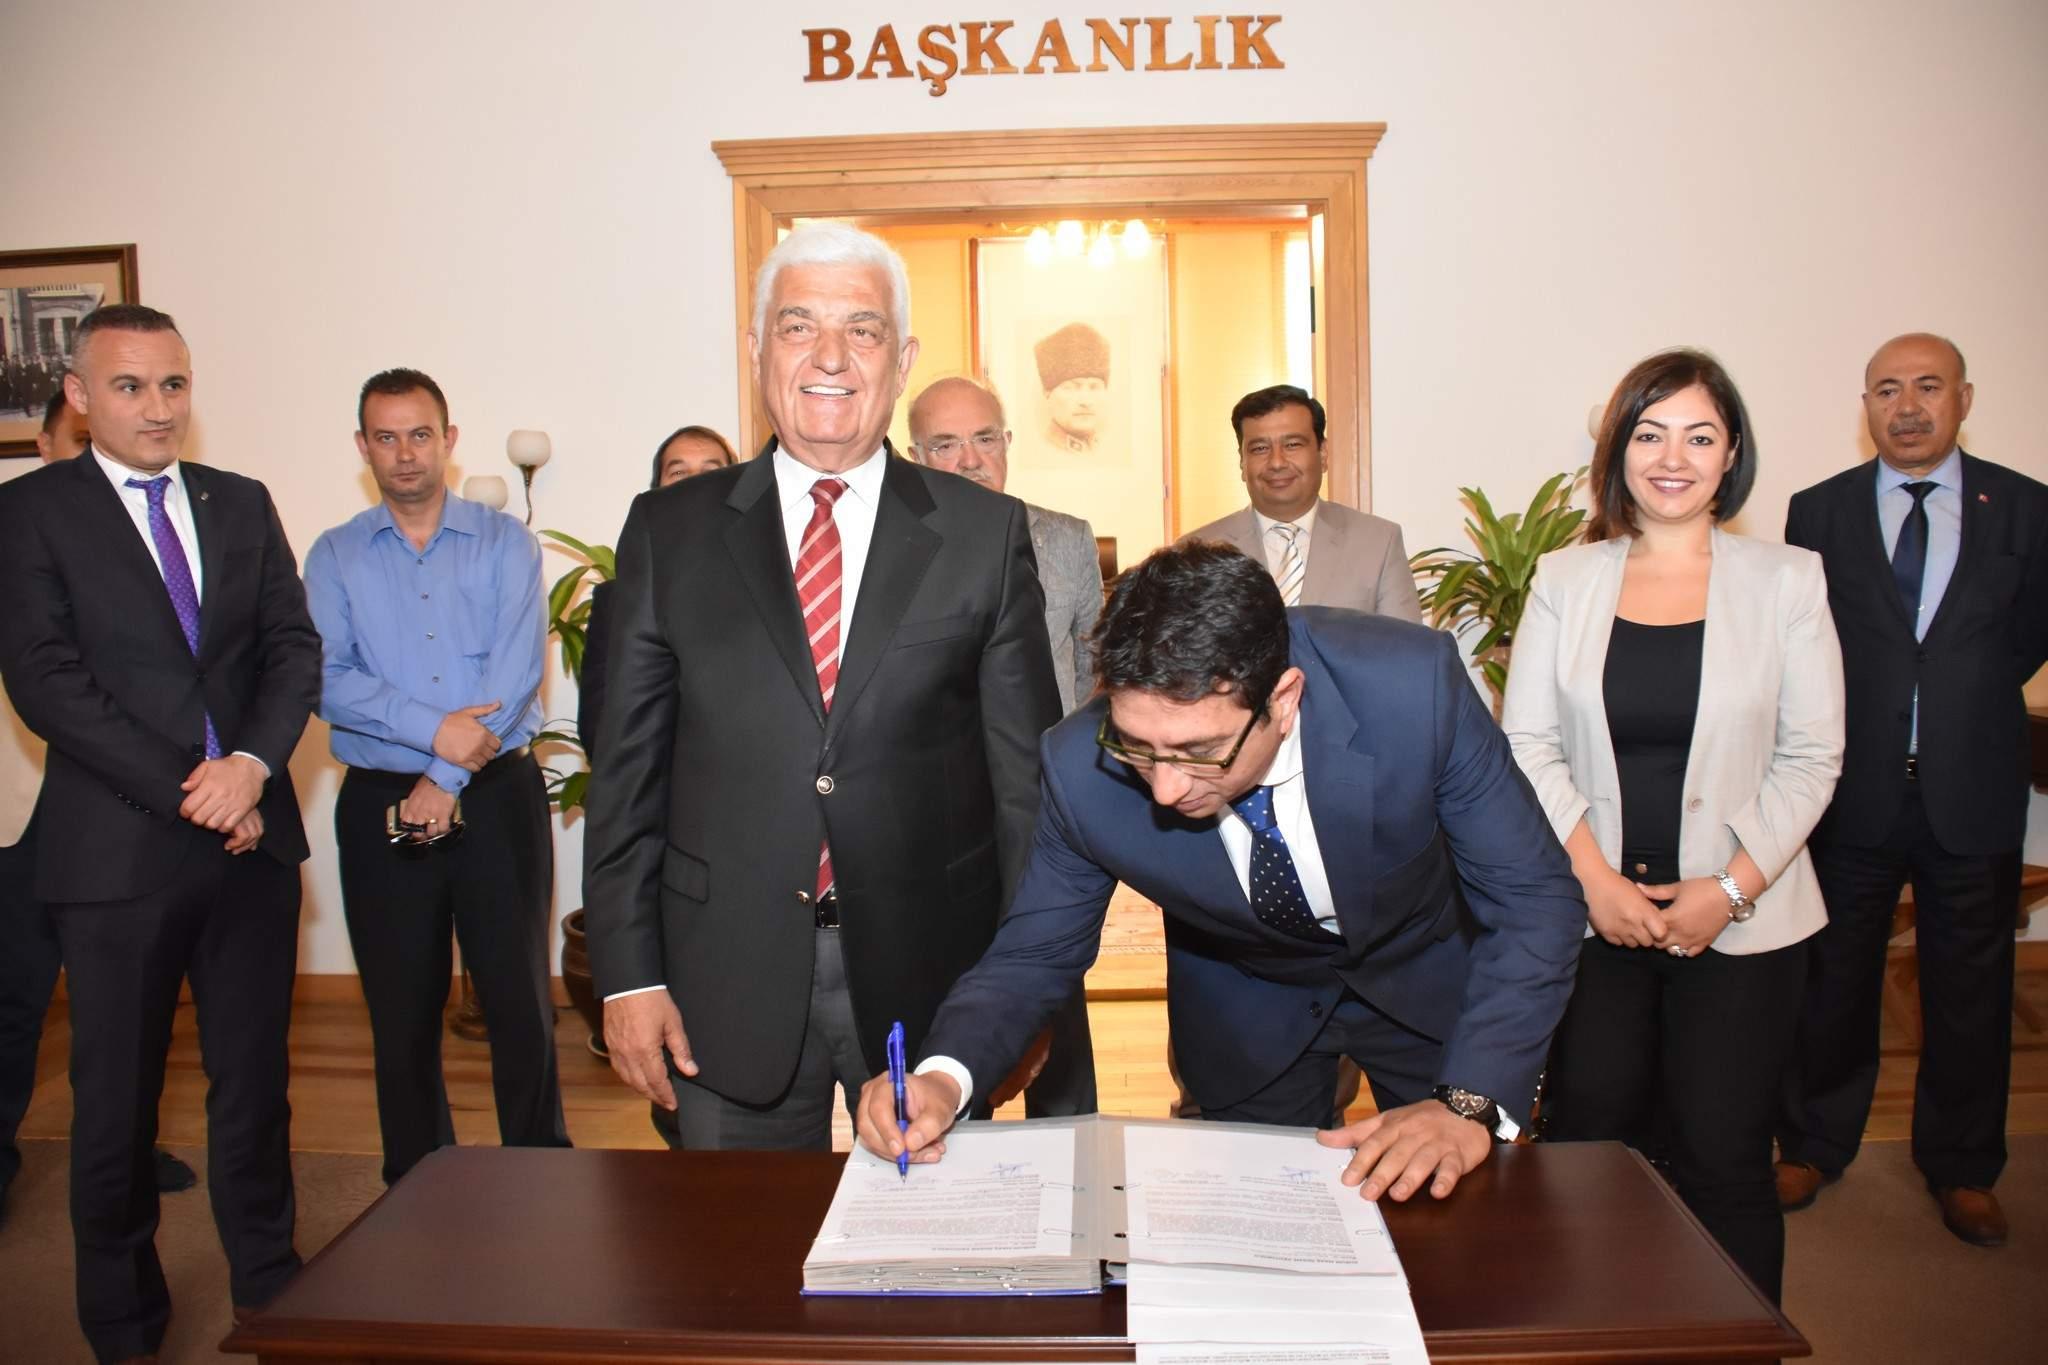 Büyükşehir'den çalışanlarına 2.370 tl promosyon